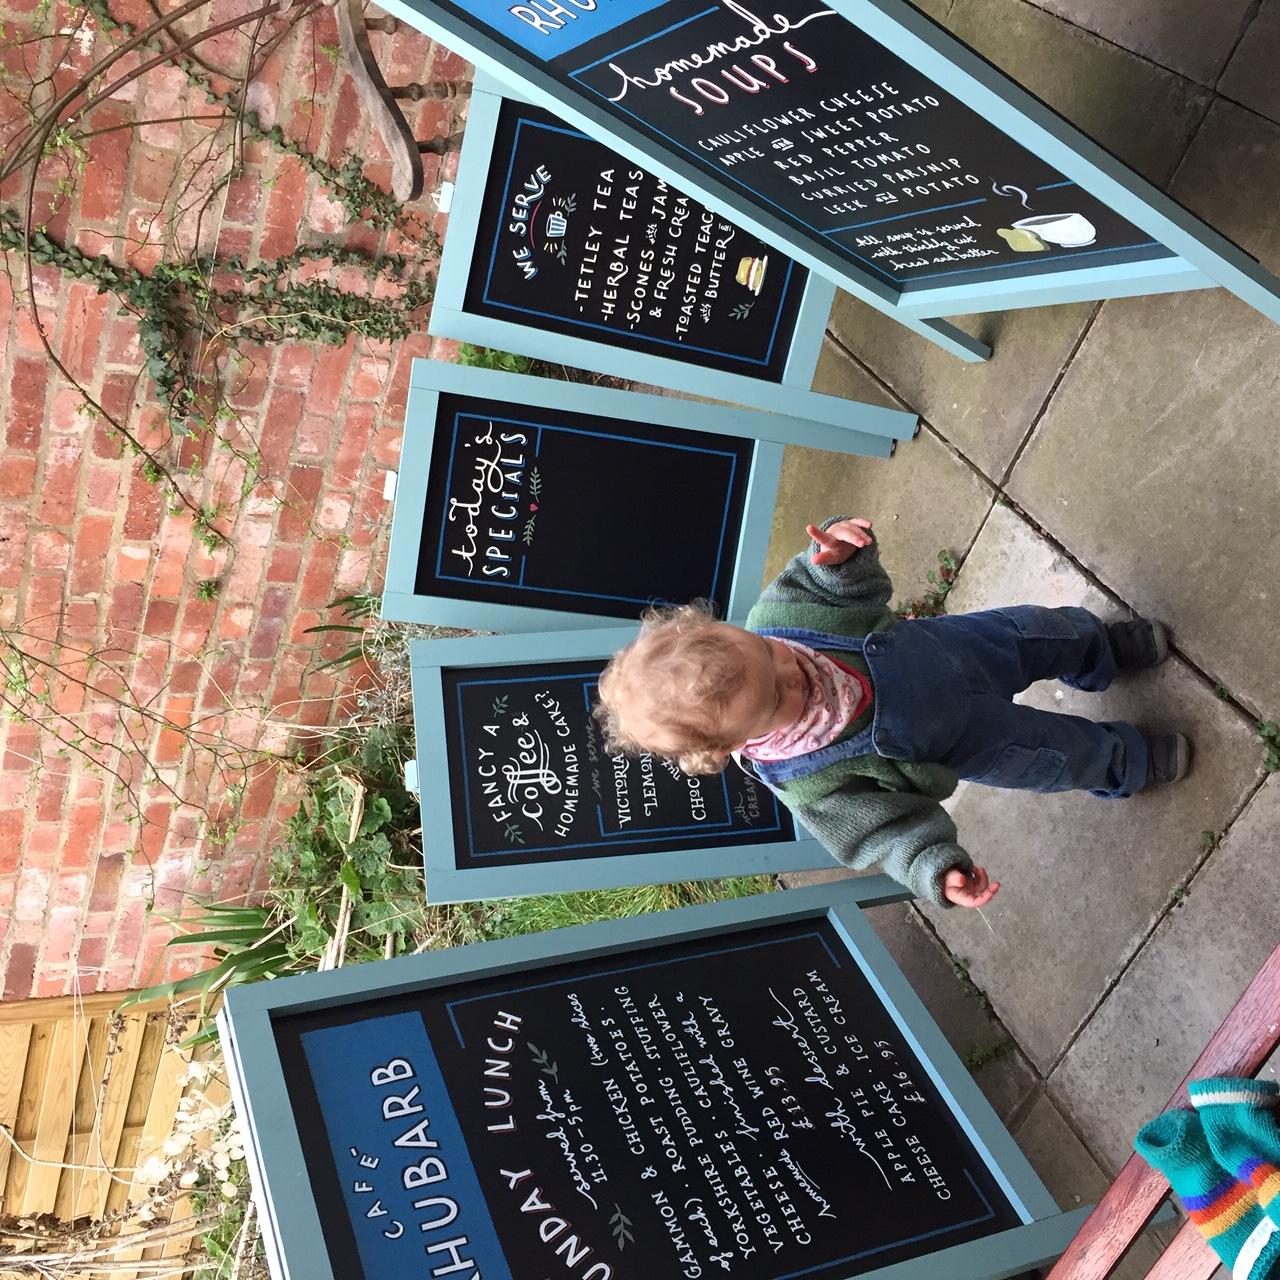 Cafe Rhubarb, Bristol